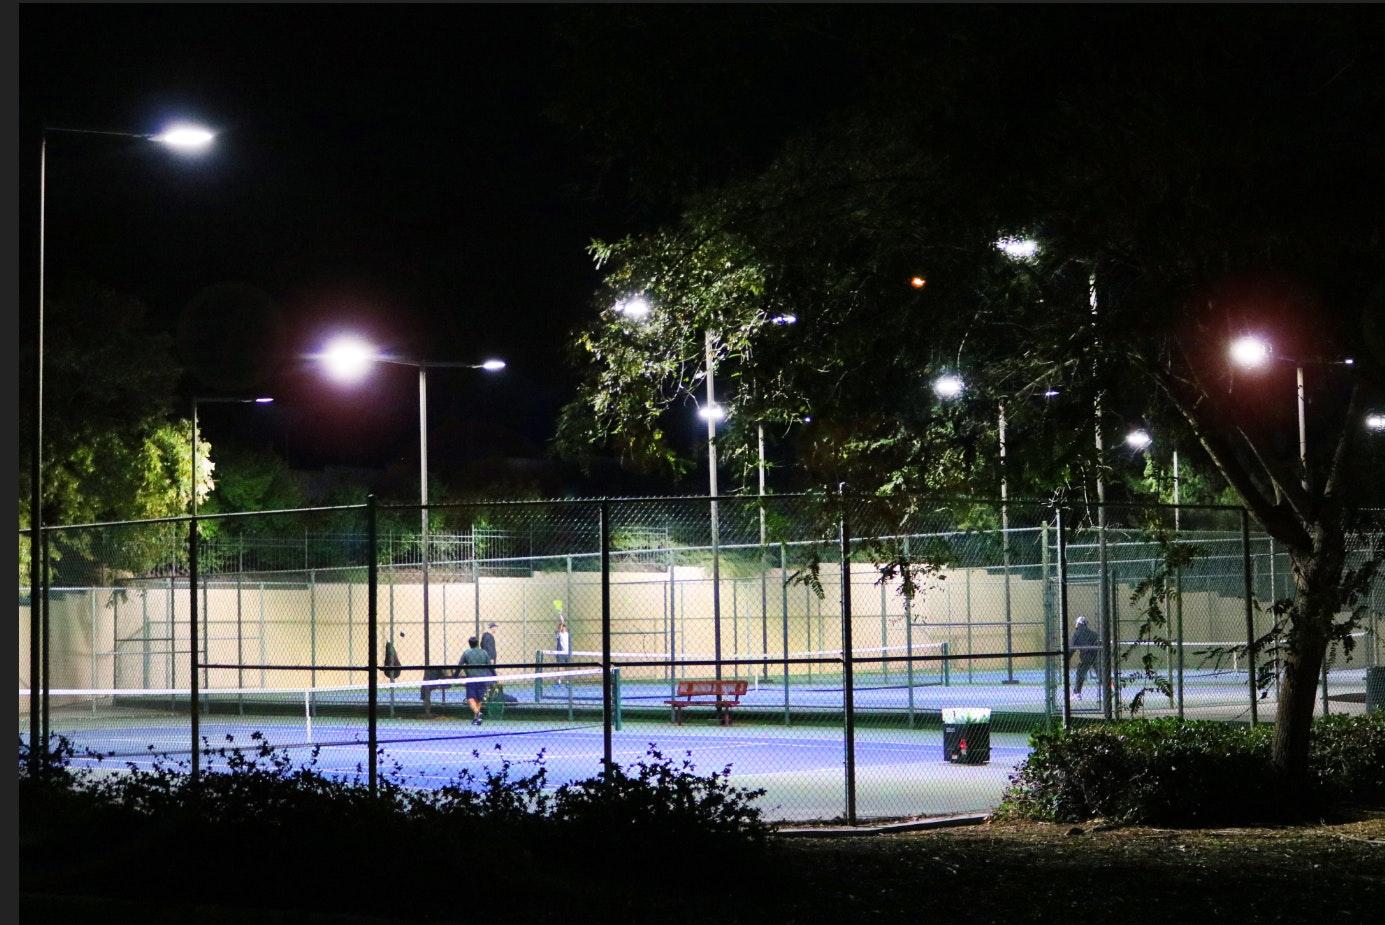 Springville Park tennis courts